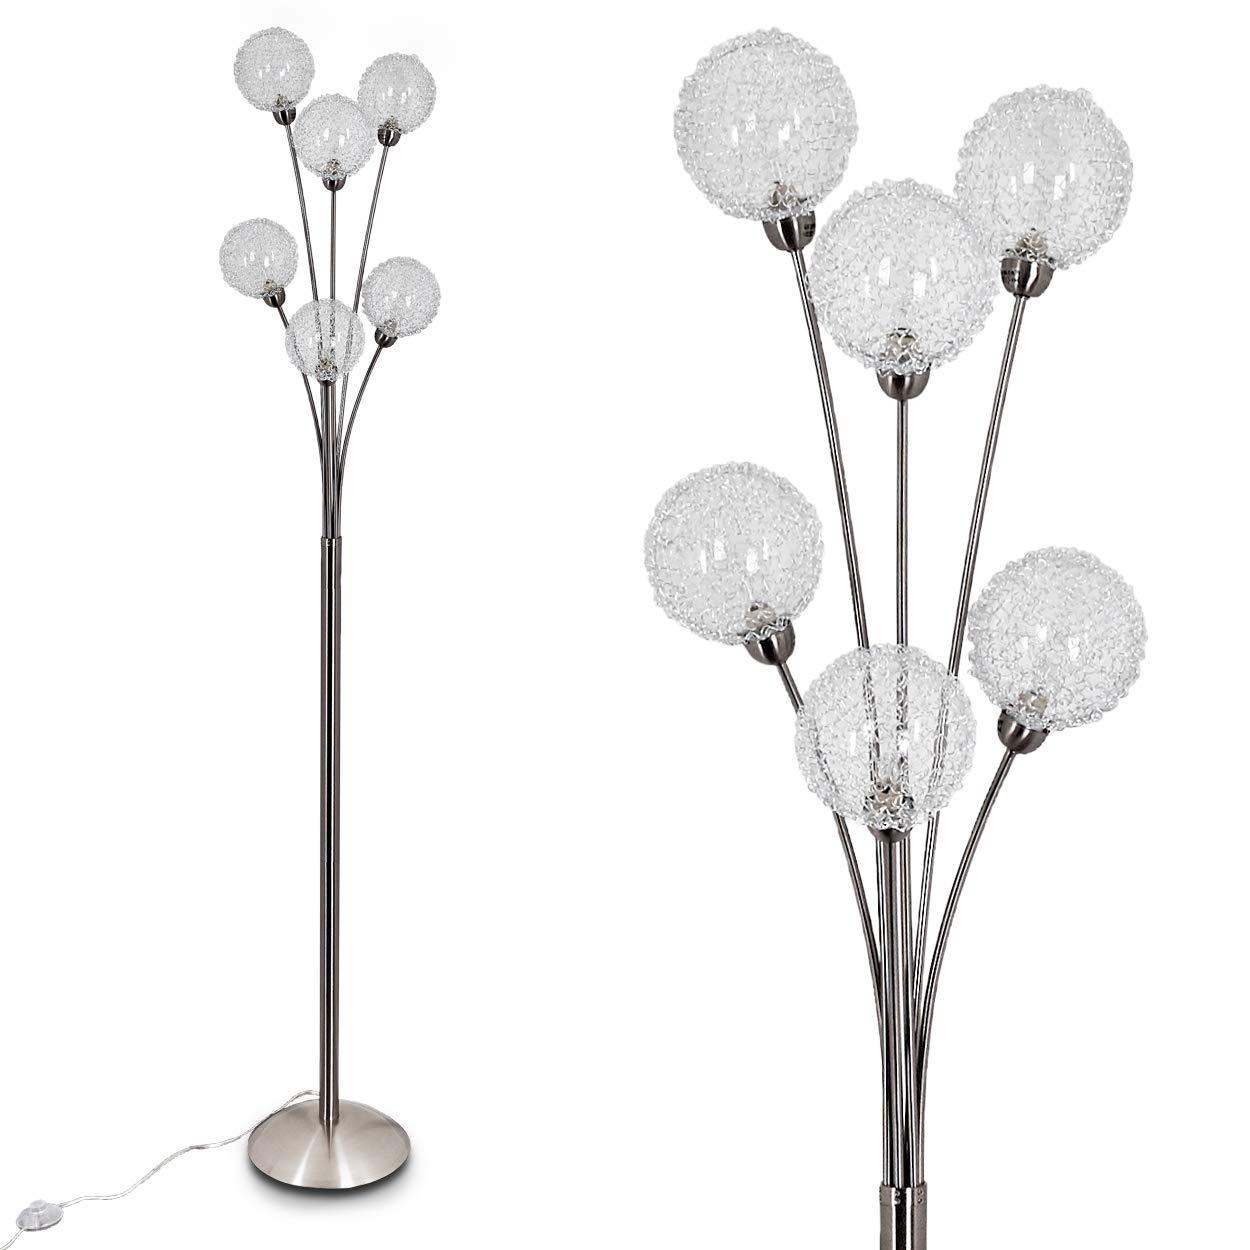 salon Lampe sur pied futuriste avec effets lumineux Lampadaire pour chambre 6 douilles G9 Lampe en métal chromé Lampadaire Kotlik à 6 boules en fil de fer salle à manger hofstein